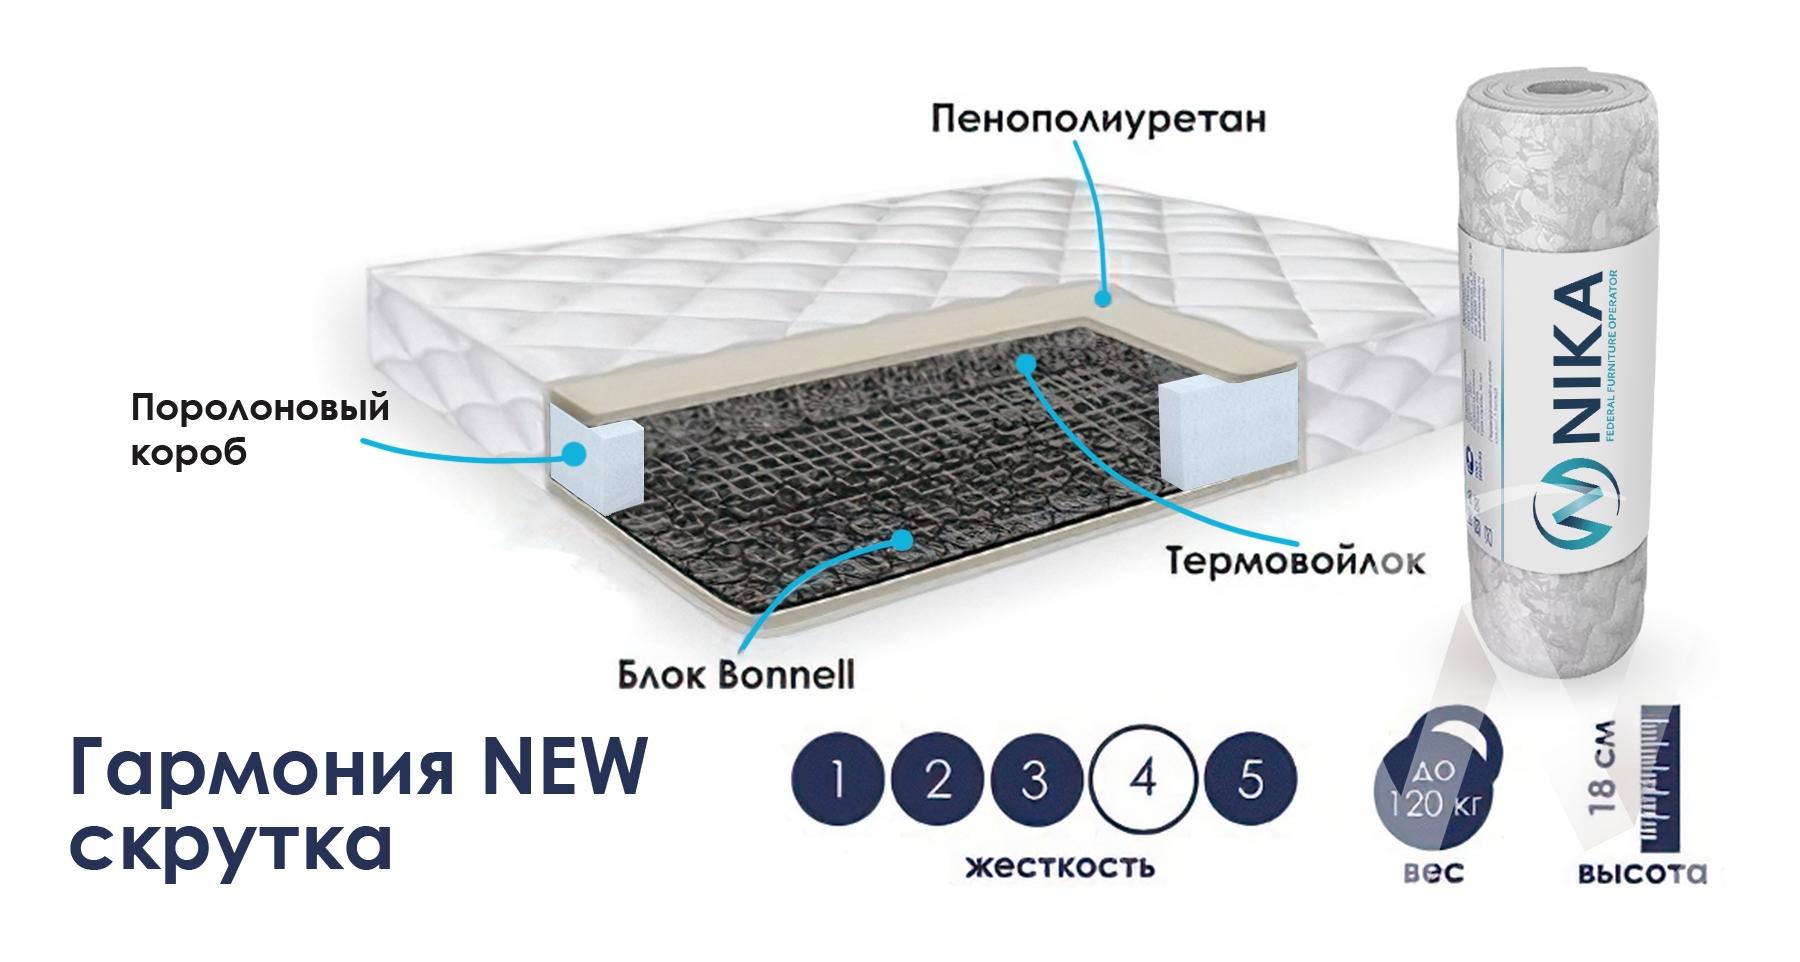 Матрас Гармония NEW (1600х1950) скрутка недорого в Томске — интернет-магазин авторской мебели Экостиль